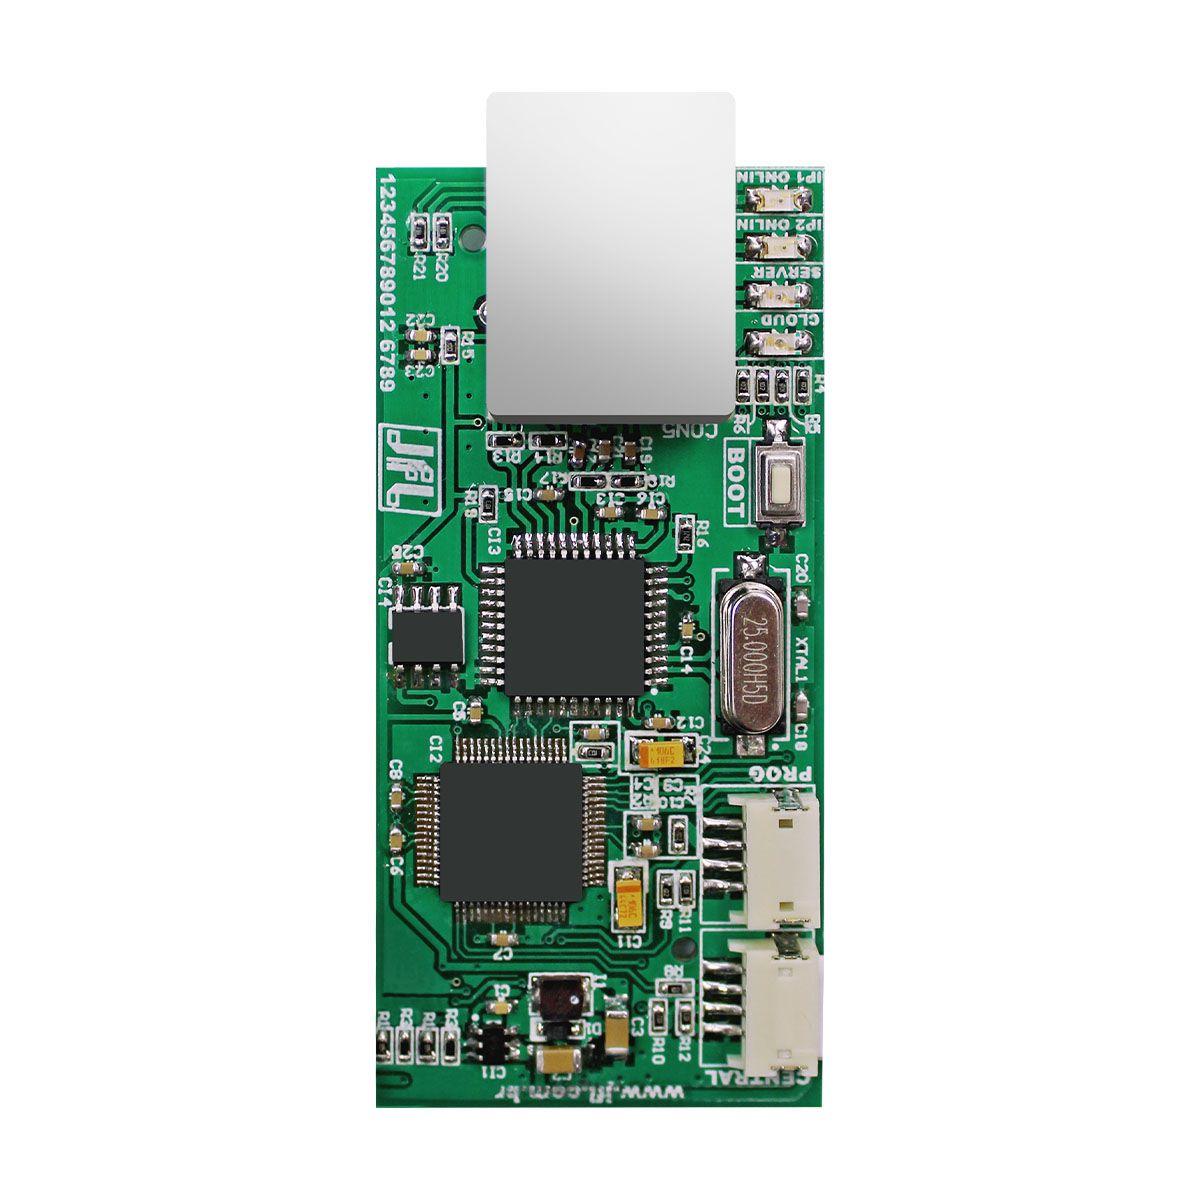 Kit Alarme Smart Cloud 18 Jfl 6 Sensores Shc Fit 4 Idx 1001